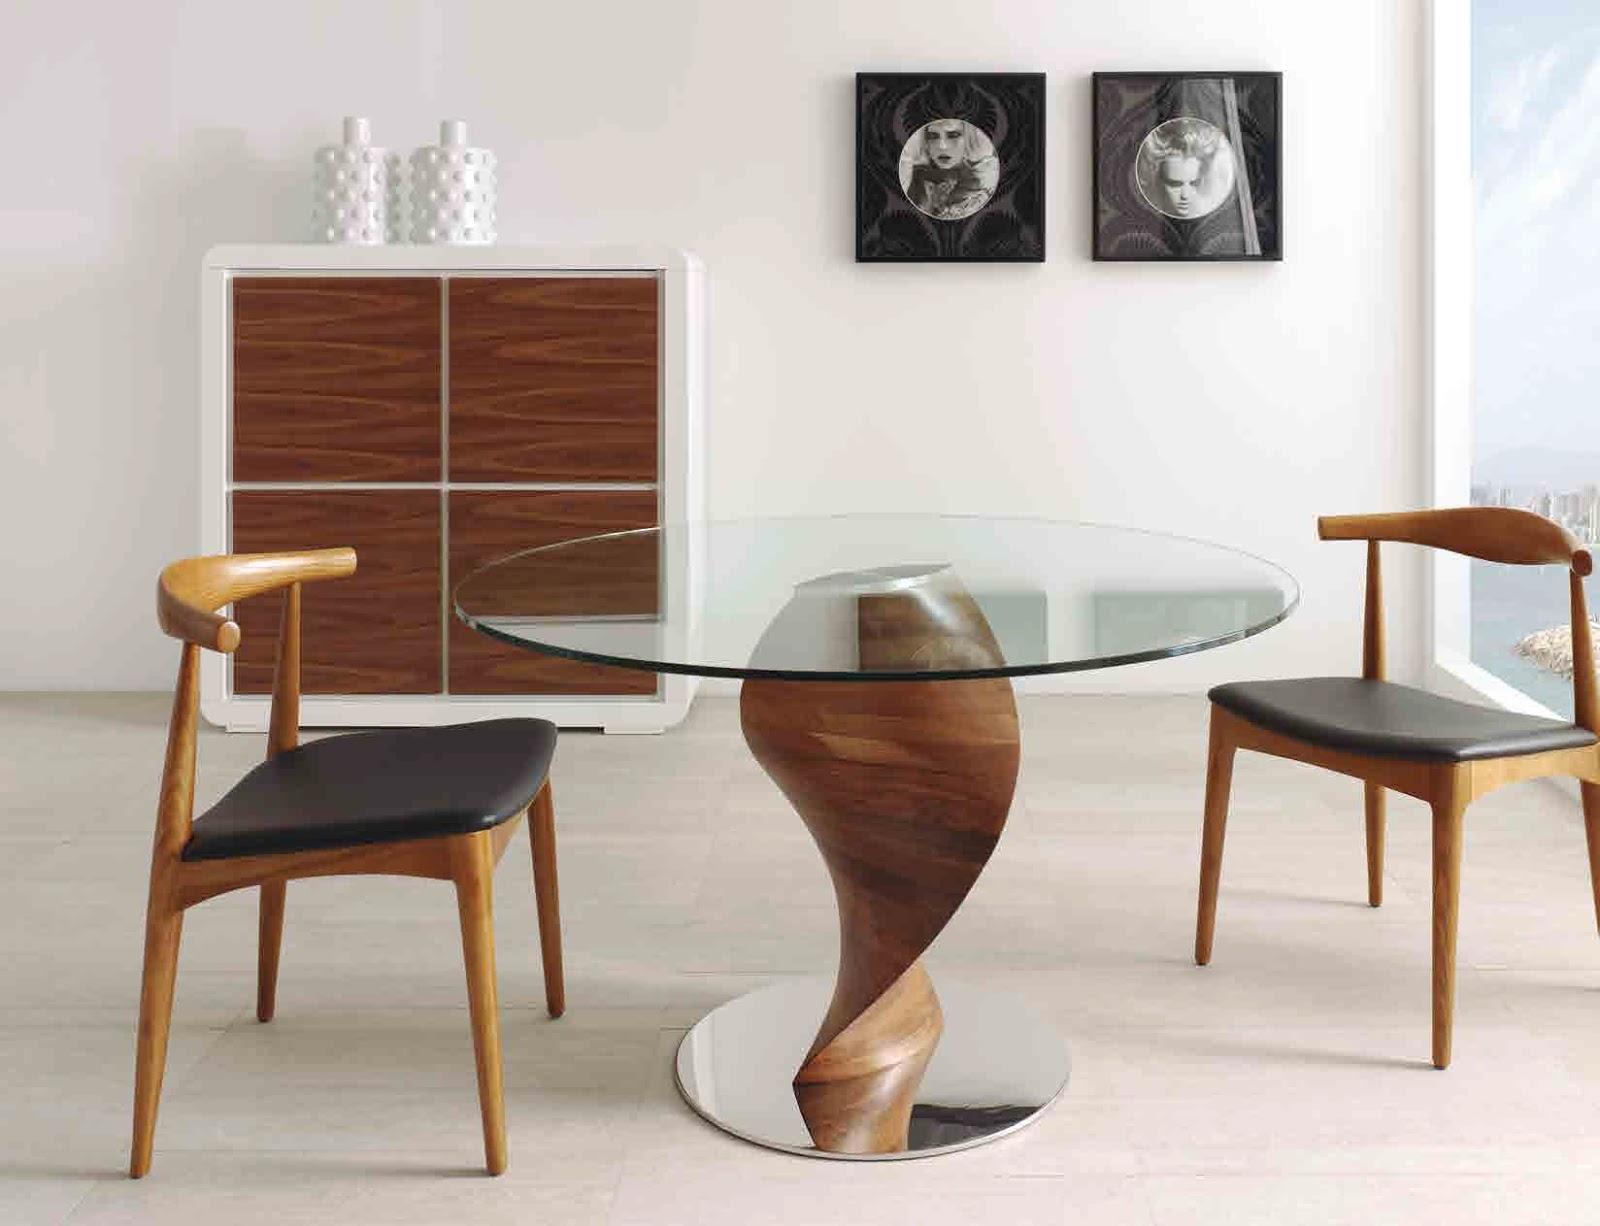 Diseo Nordico Muebles Diseo Nordico Muebles El Catlogo Everyday  # Muebles Nordicos